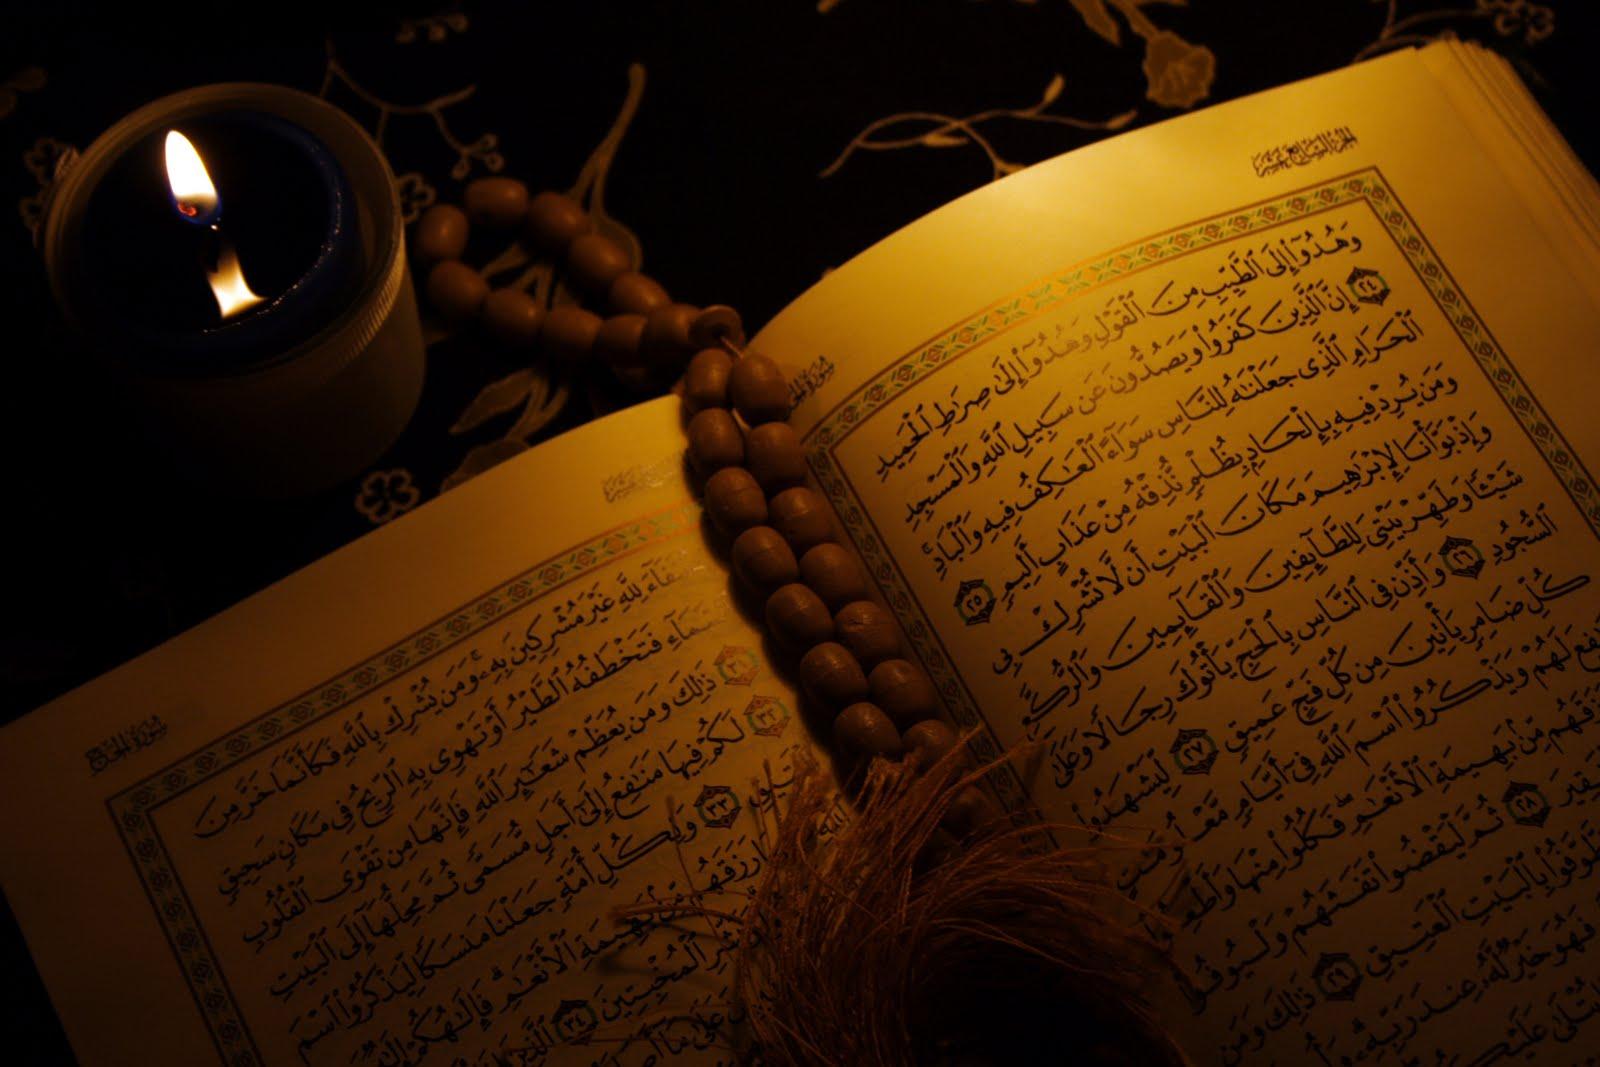 trololo blogg: Wallpaper Hd Quran